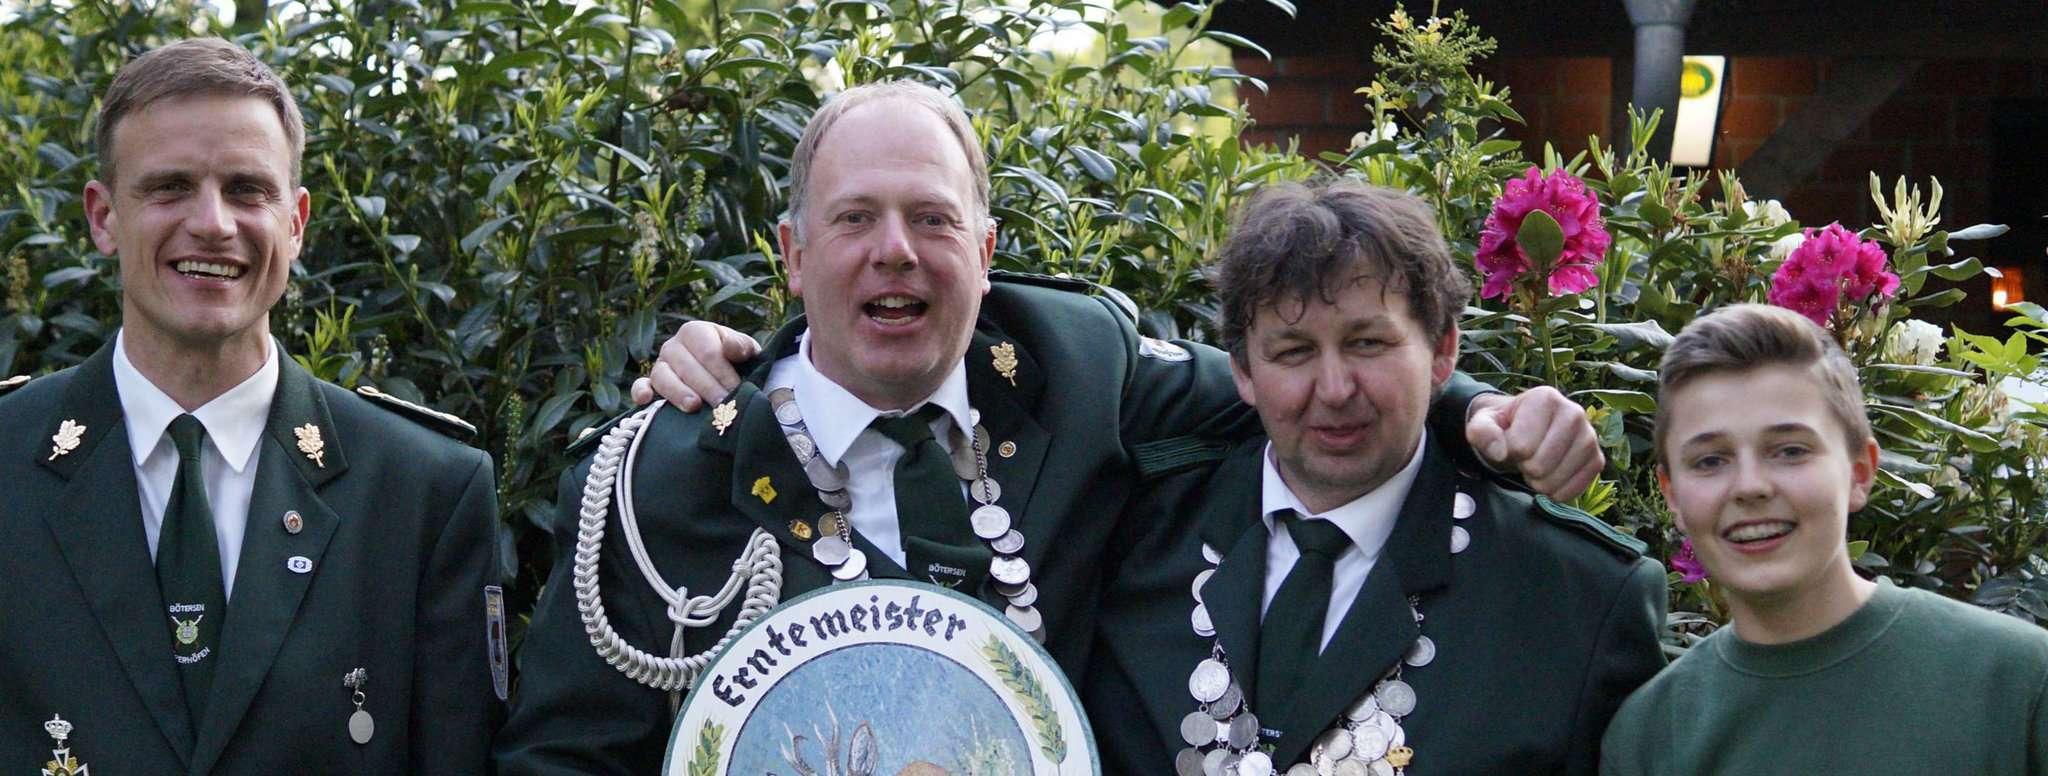 Vize-König Carsten Hoops (von links), Erntemeister Olaf Buthmann, König Jörg Böhnke und der Gewinner der Jugendehrenscheibe Christoph Meyer. Wer löst sie ab?